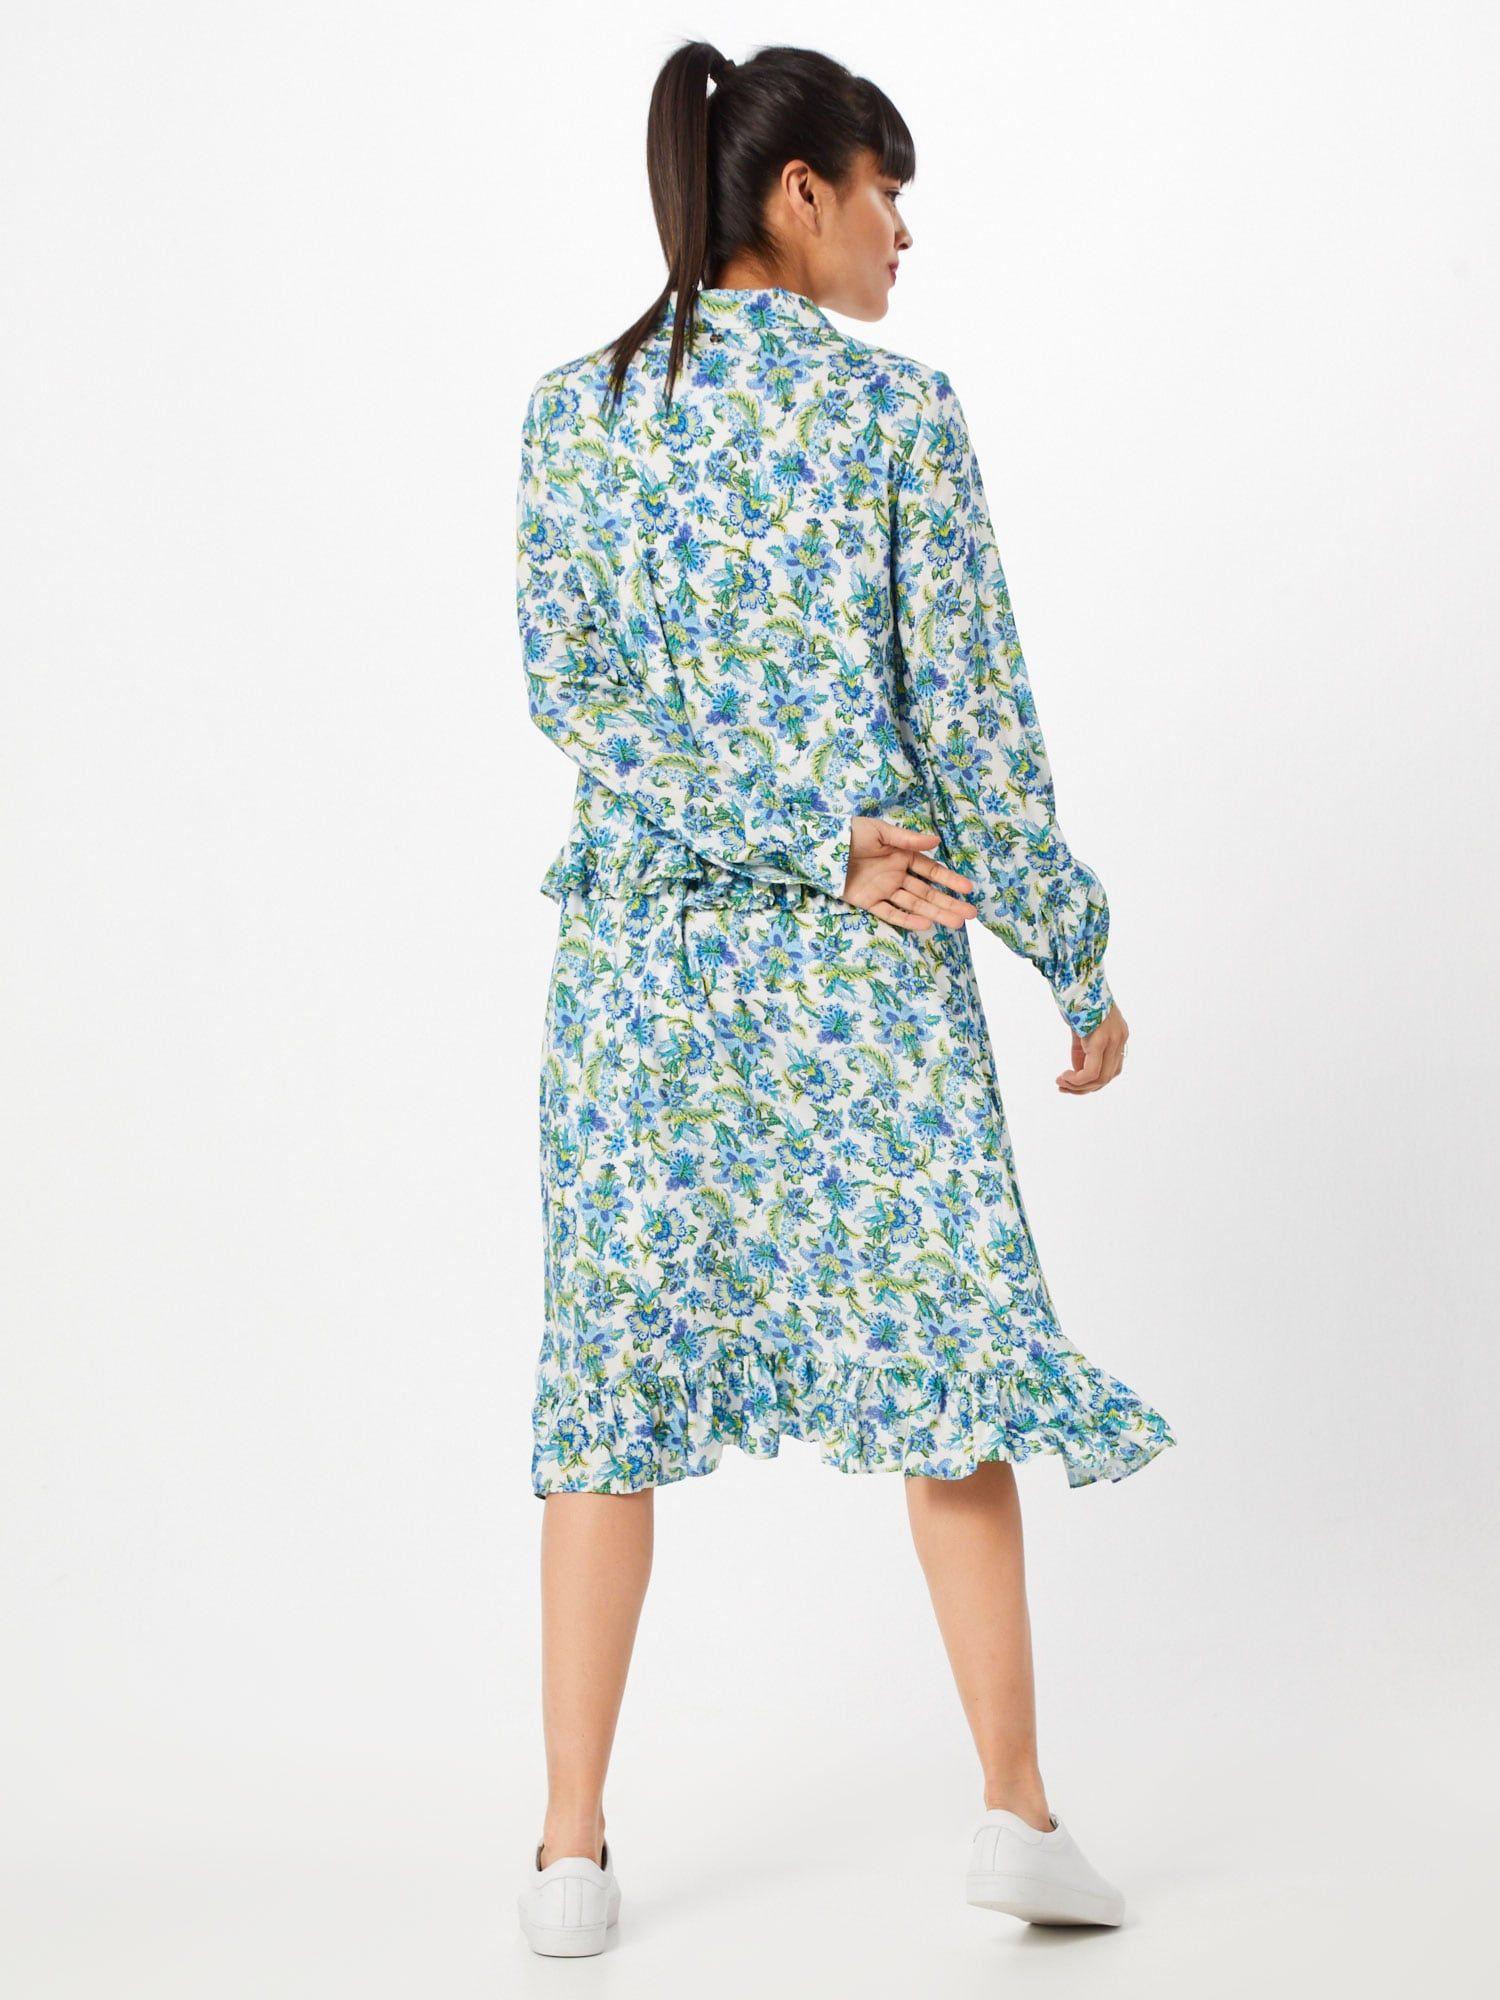 Rich Royal Kleid Damen Mischfarben Weiss Grosse 36 Kleider Langarmelige Kleider Kleid Mit Armel